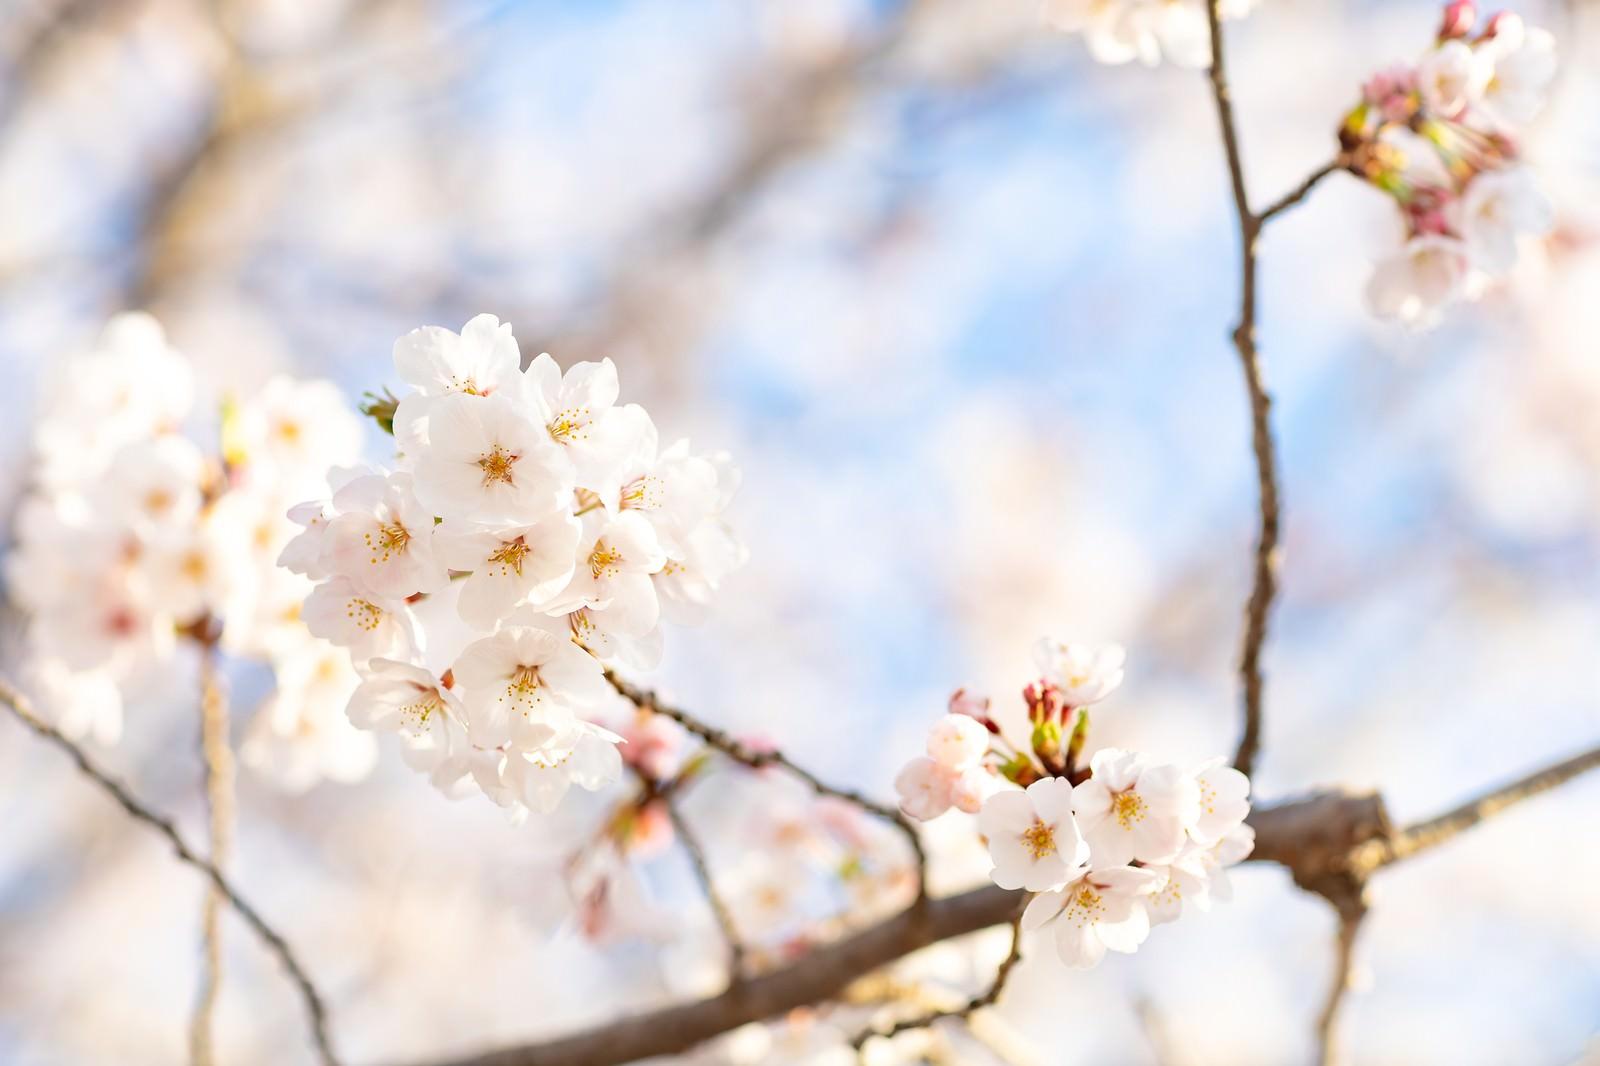 「桜にそそぐ春の陽射し」の写真